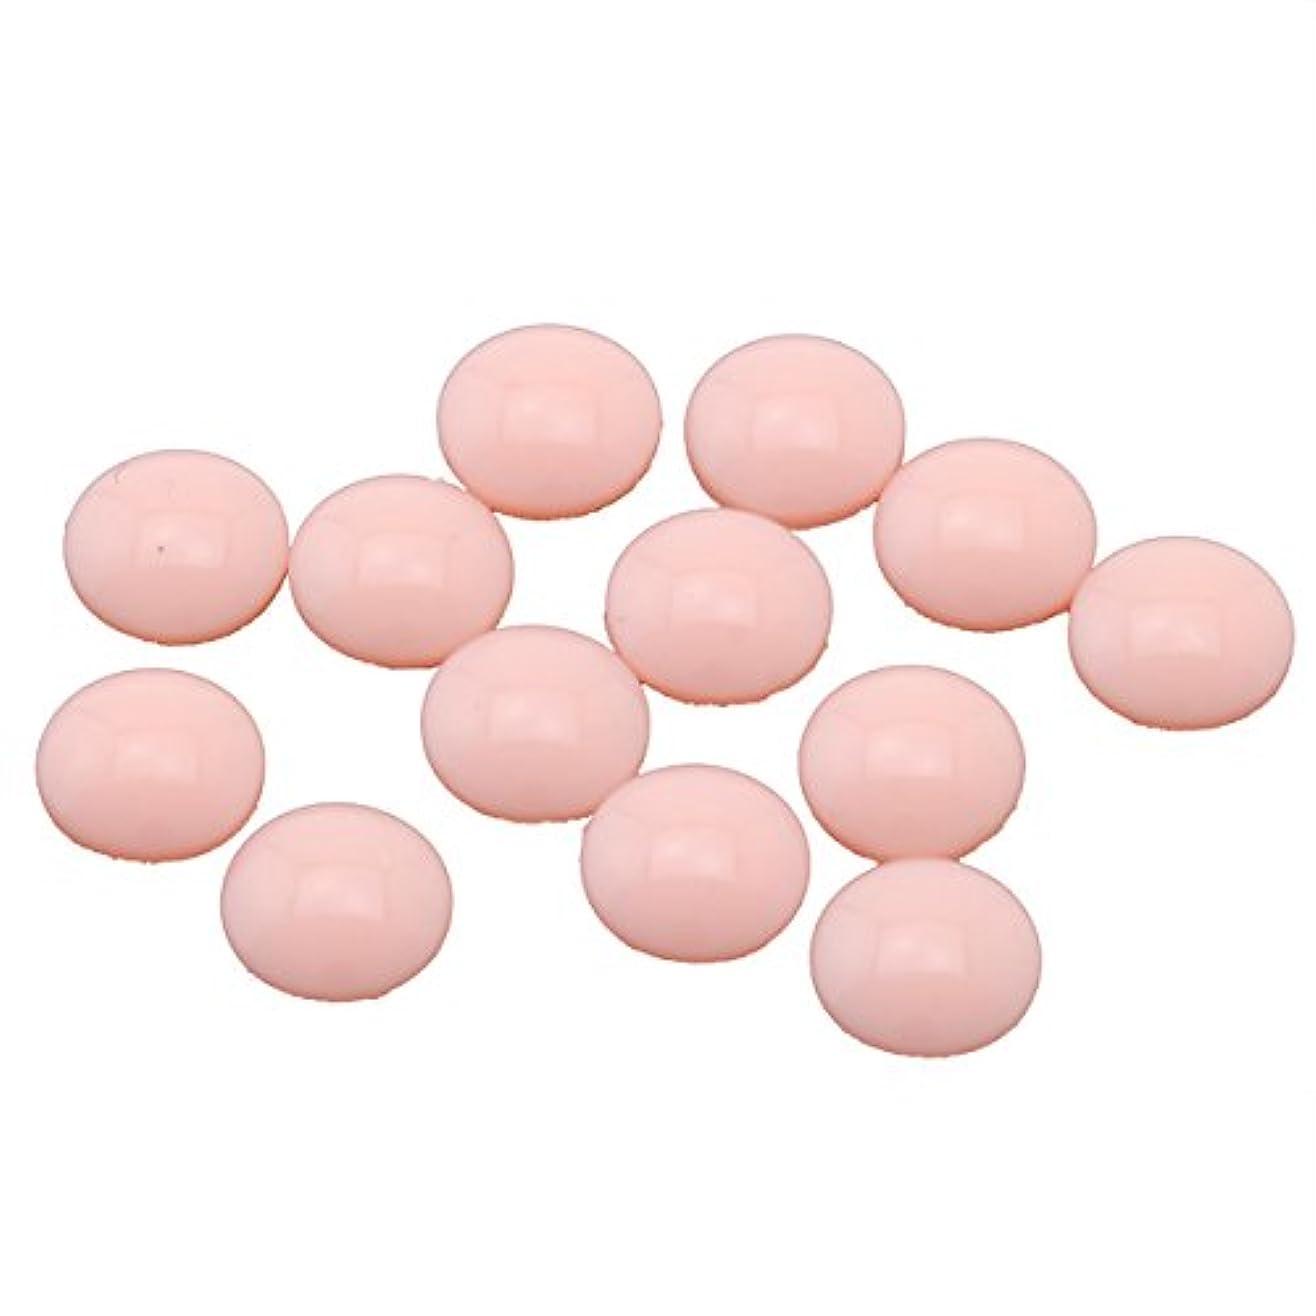 悪性コンペボクシング<エトゥベラ>スモークストーン ラウンド 4mm(各30個) ピンク(4mm)